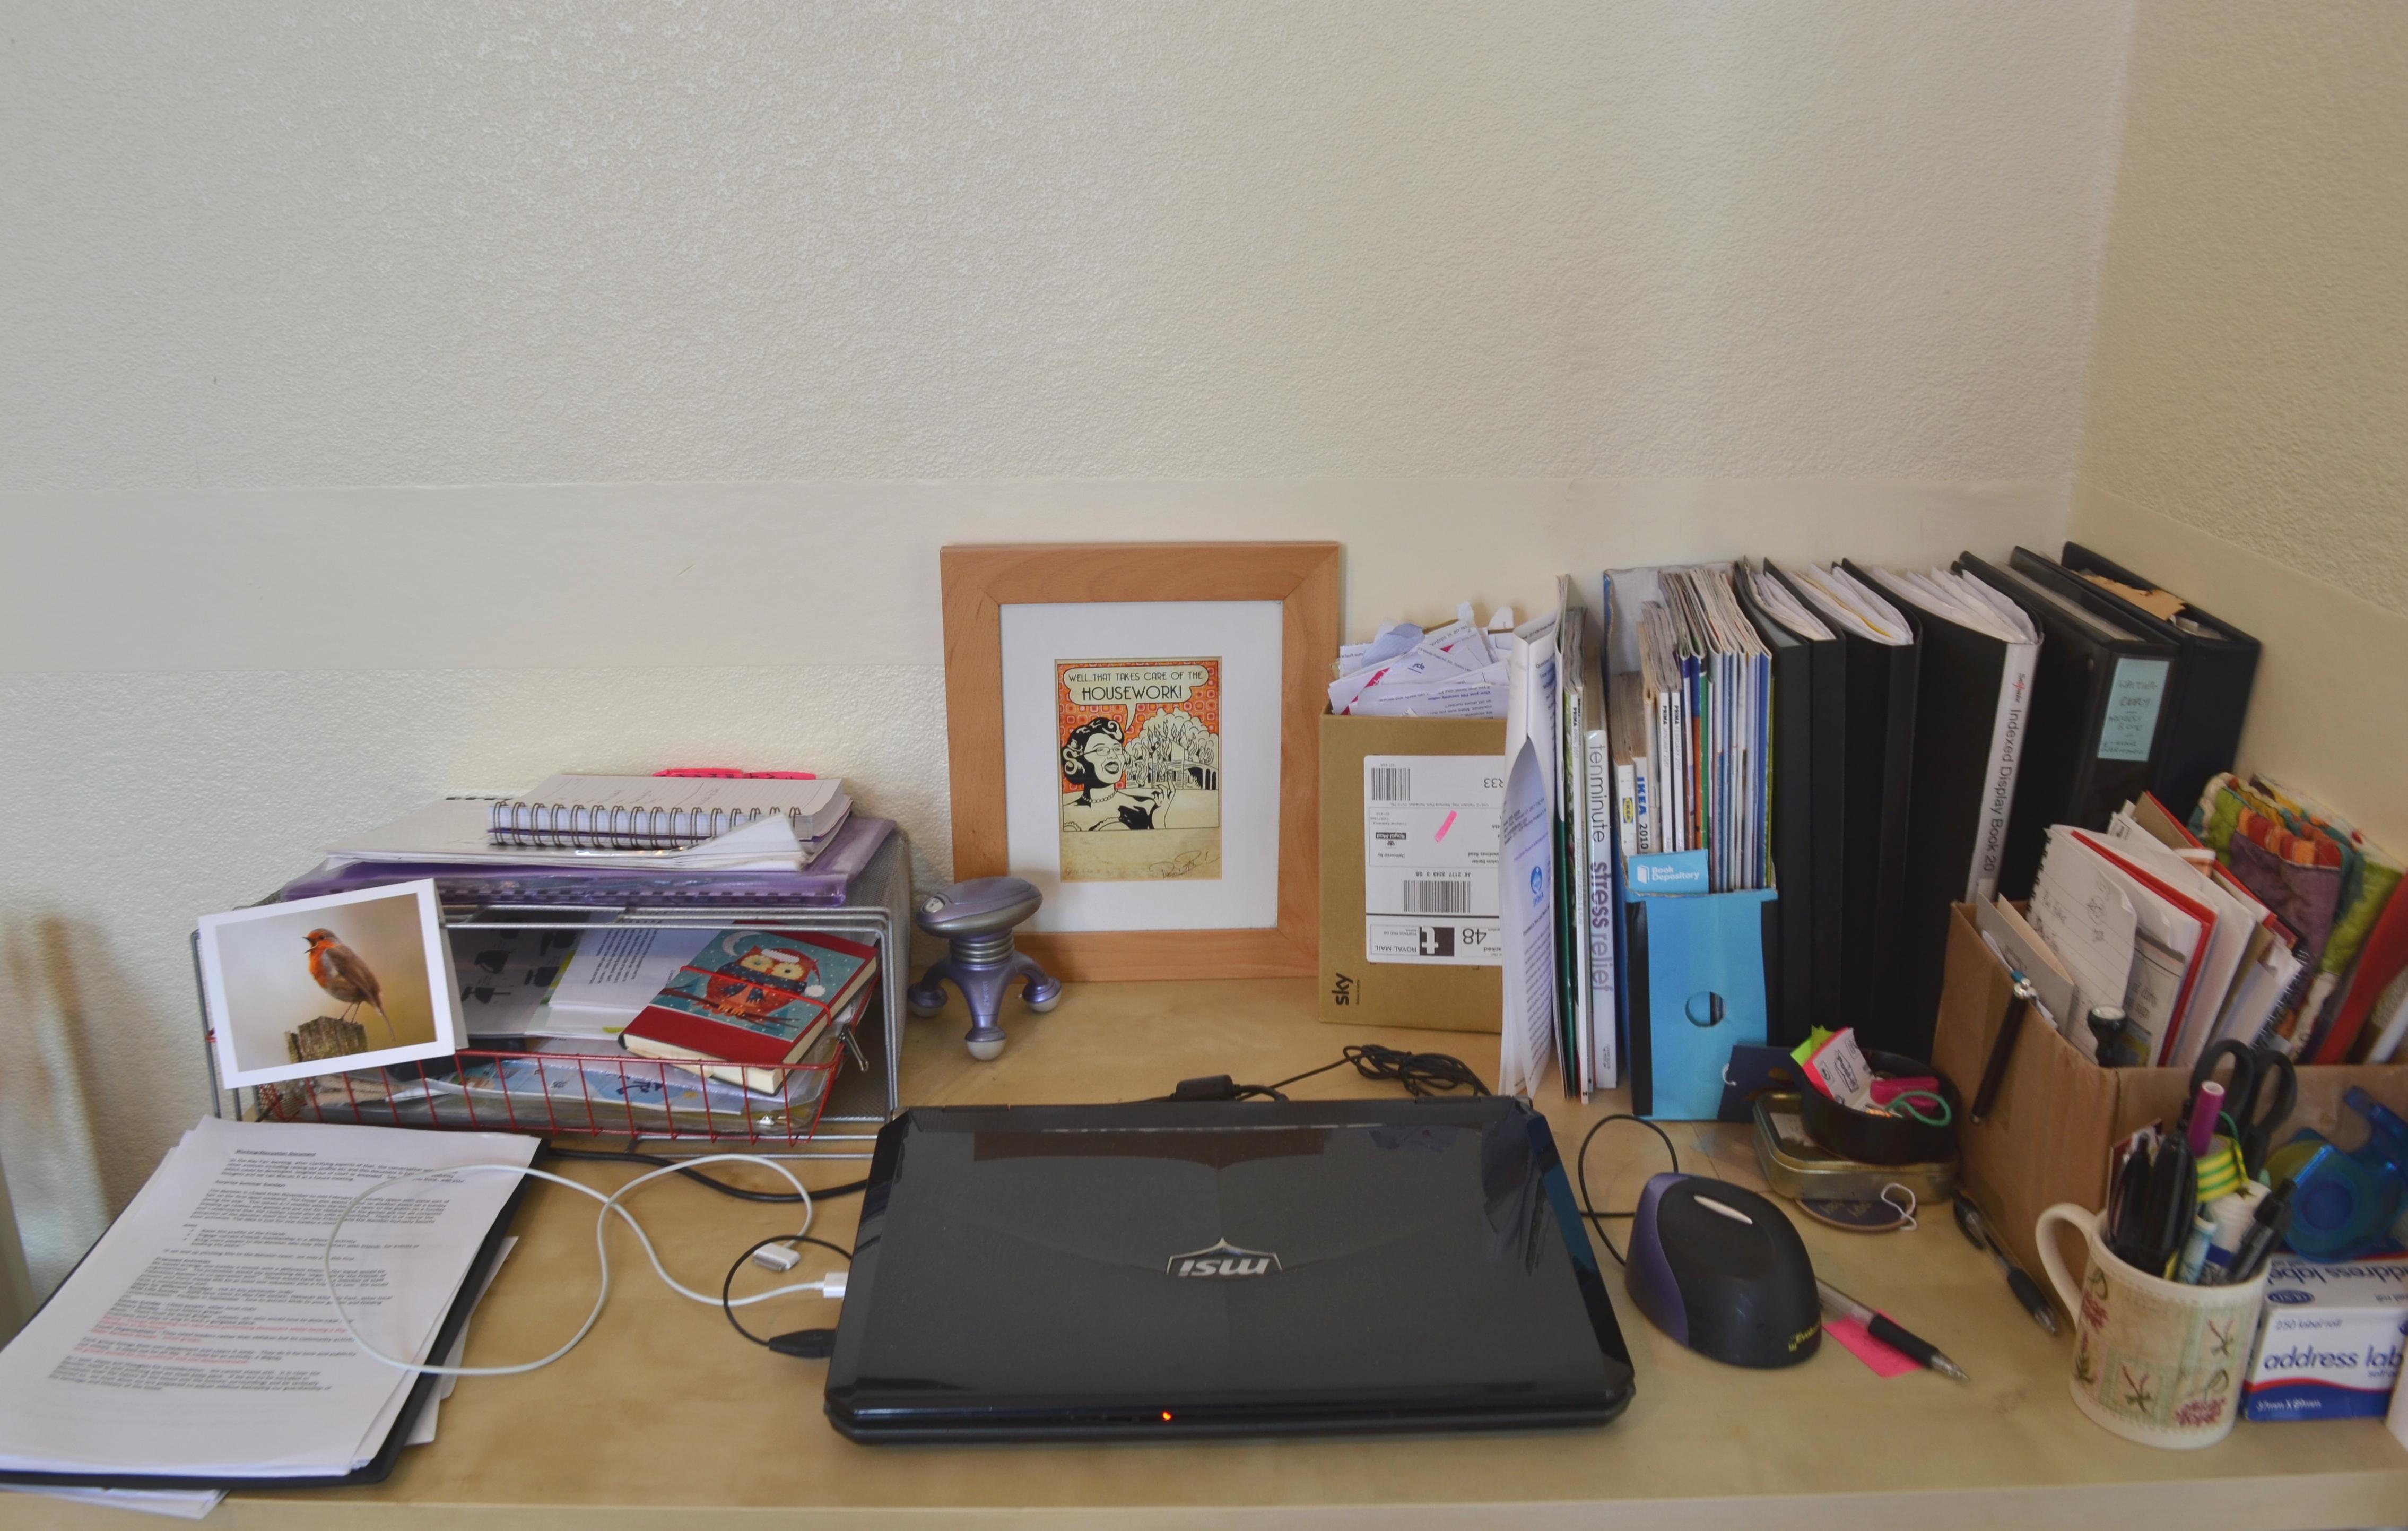 2. Desk, after